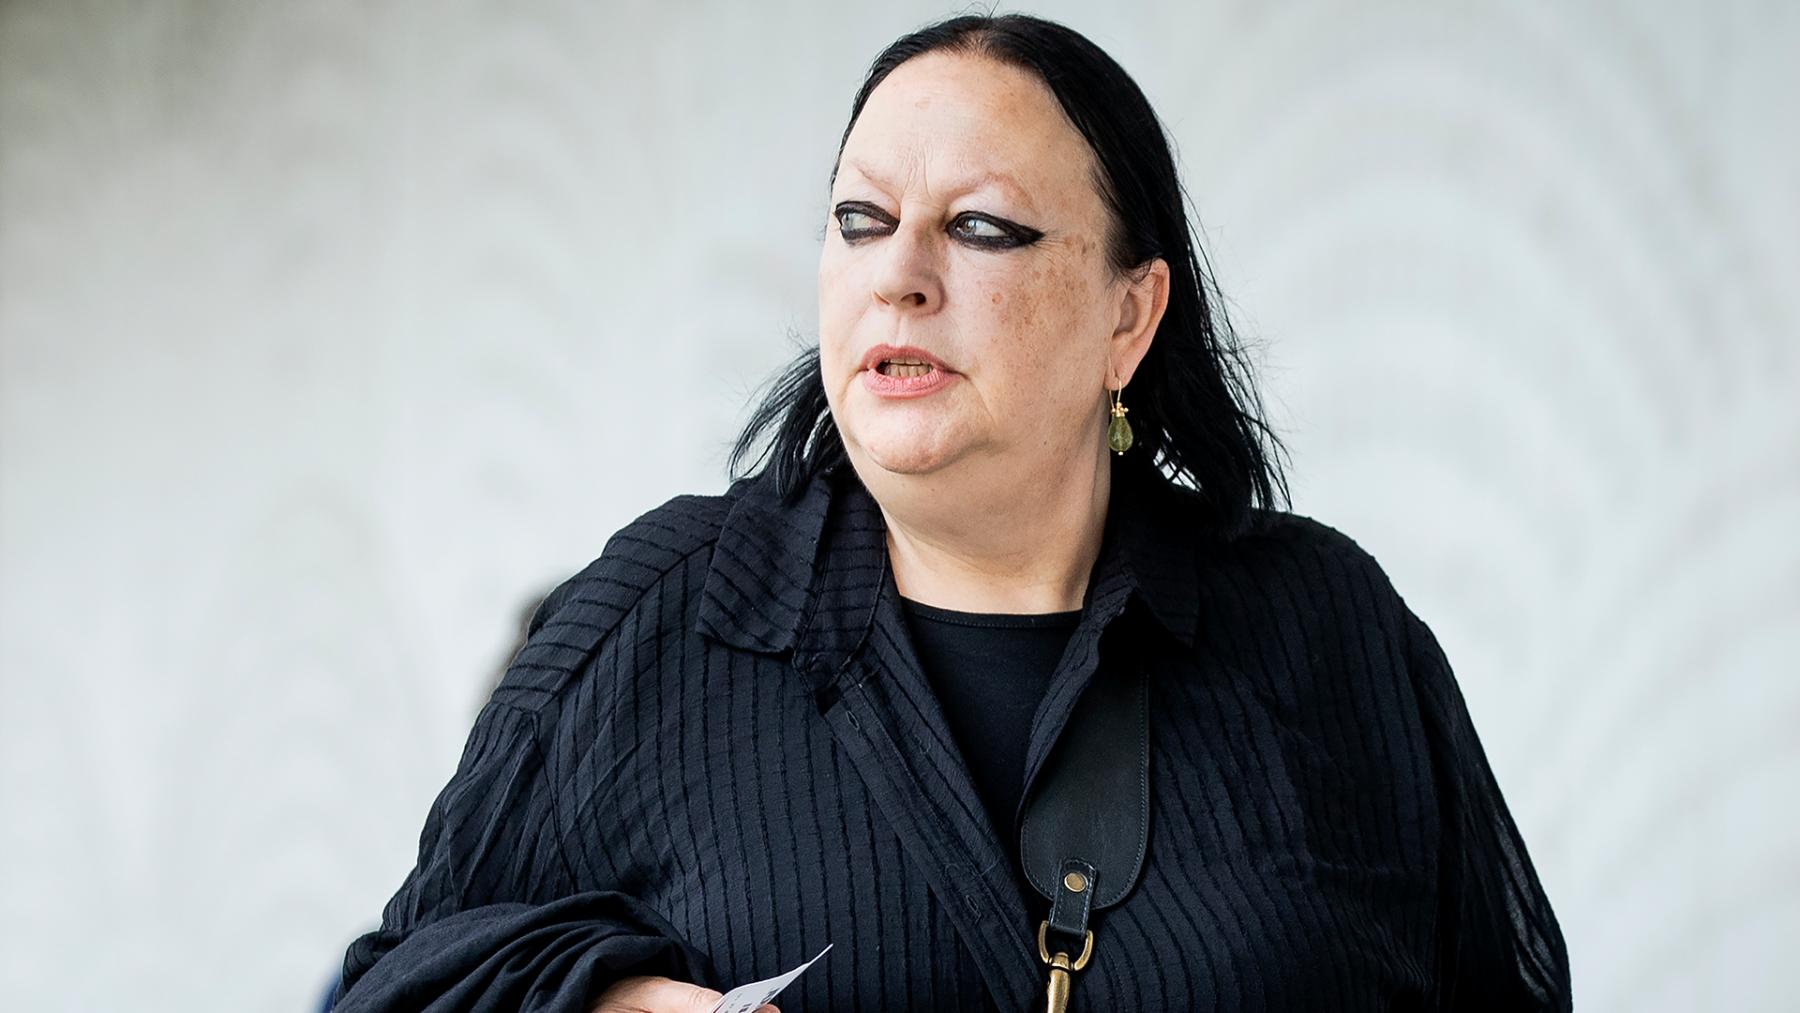 Inez wraakt rechtbank in Marengo-proces